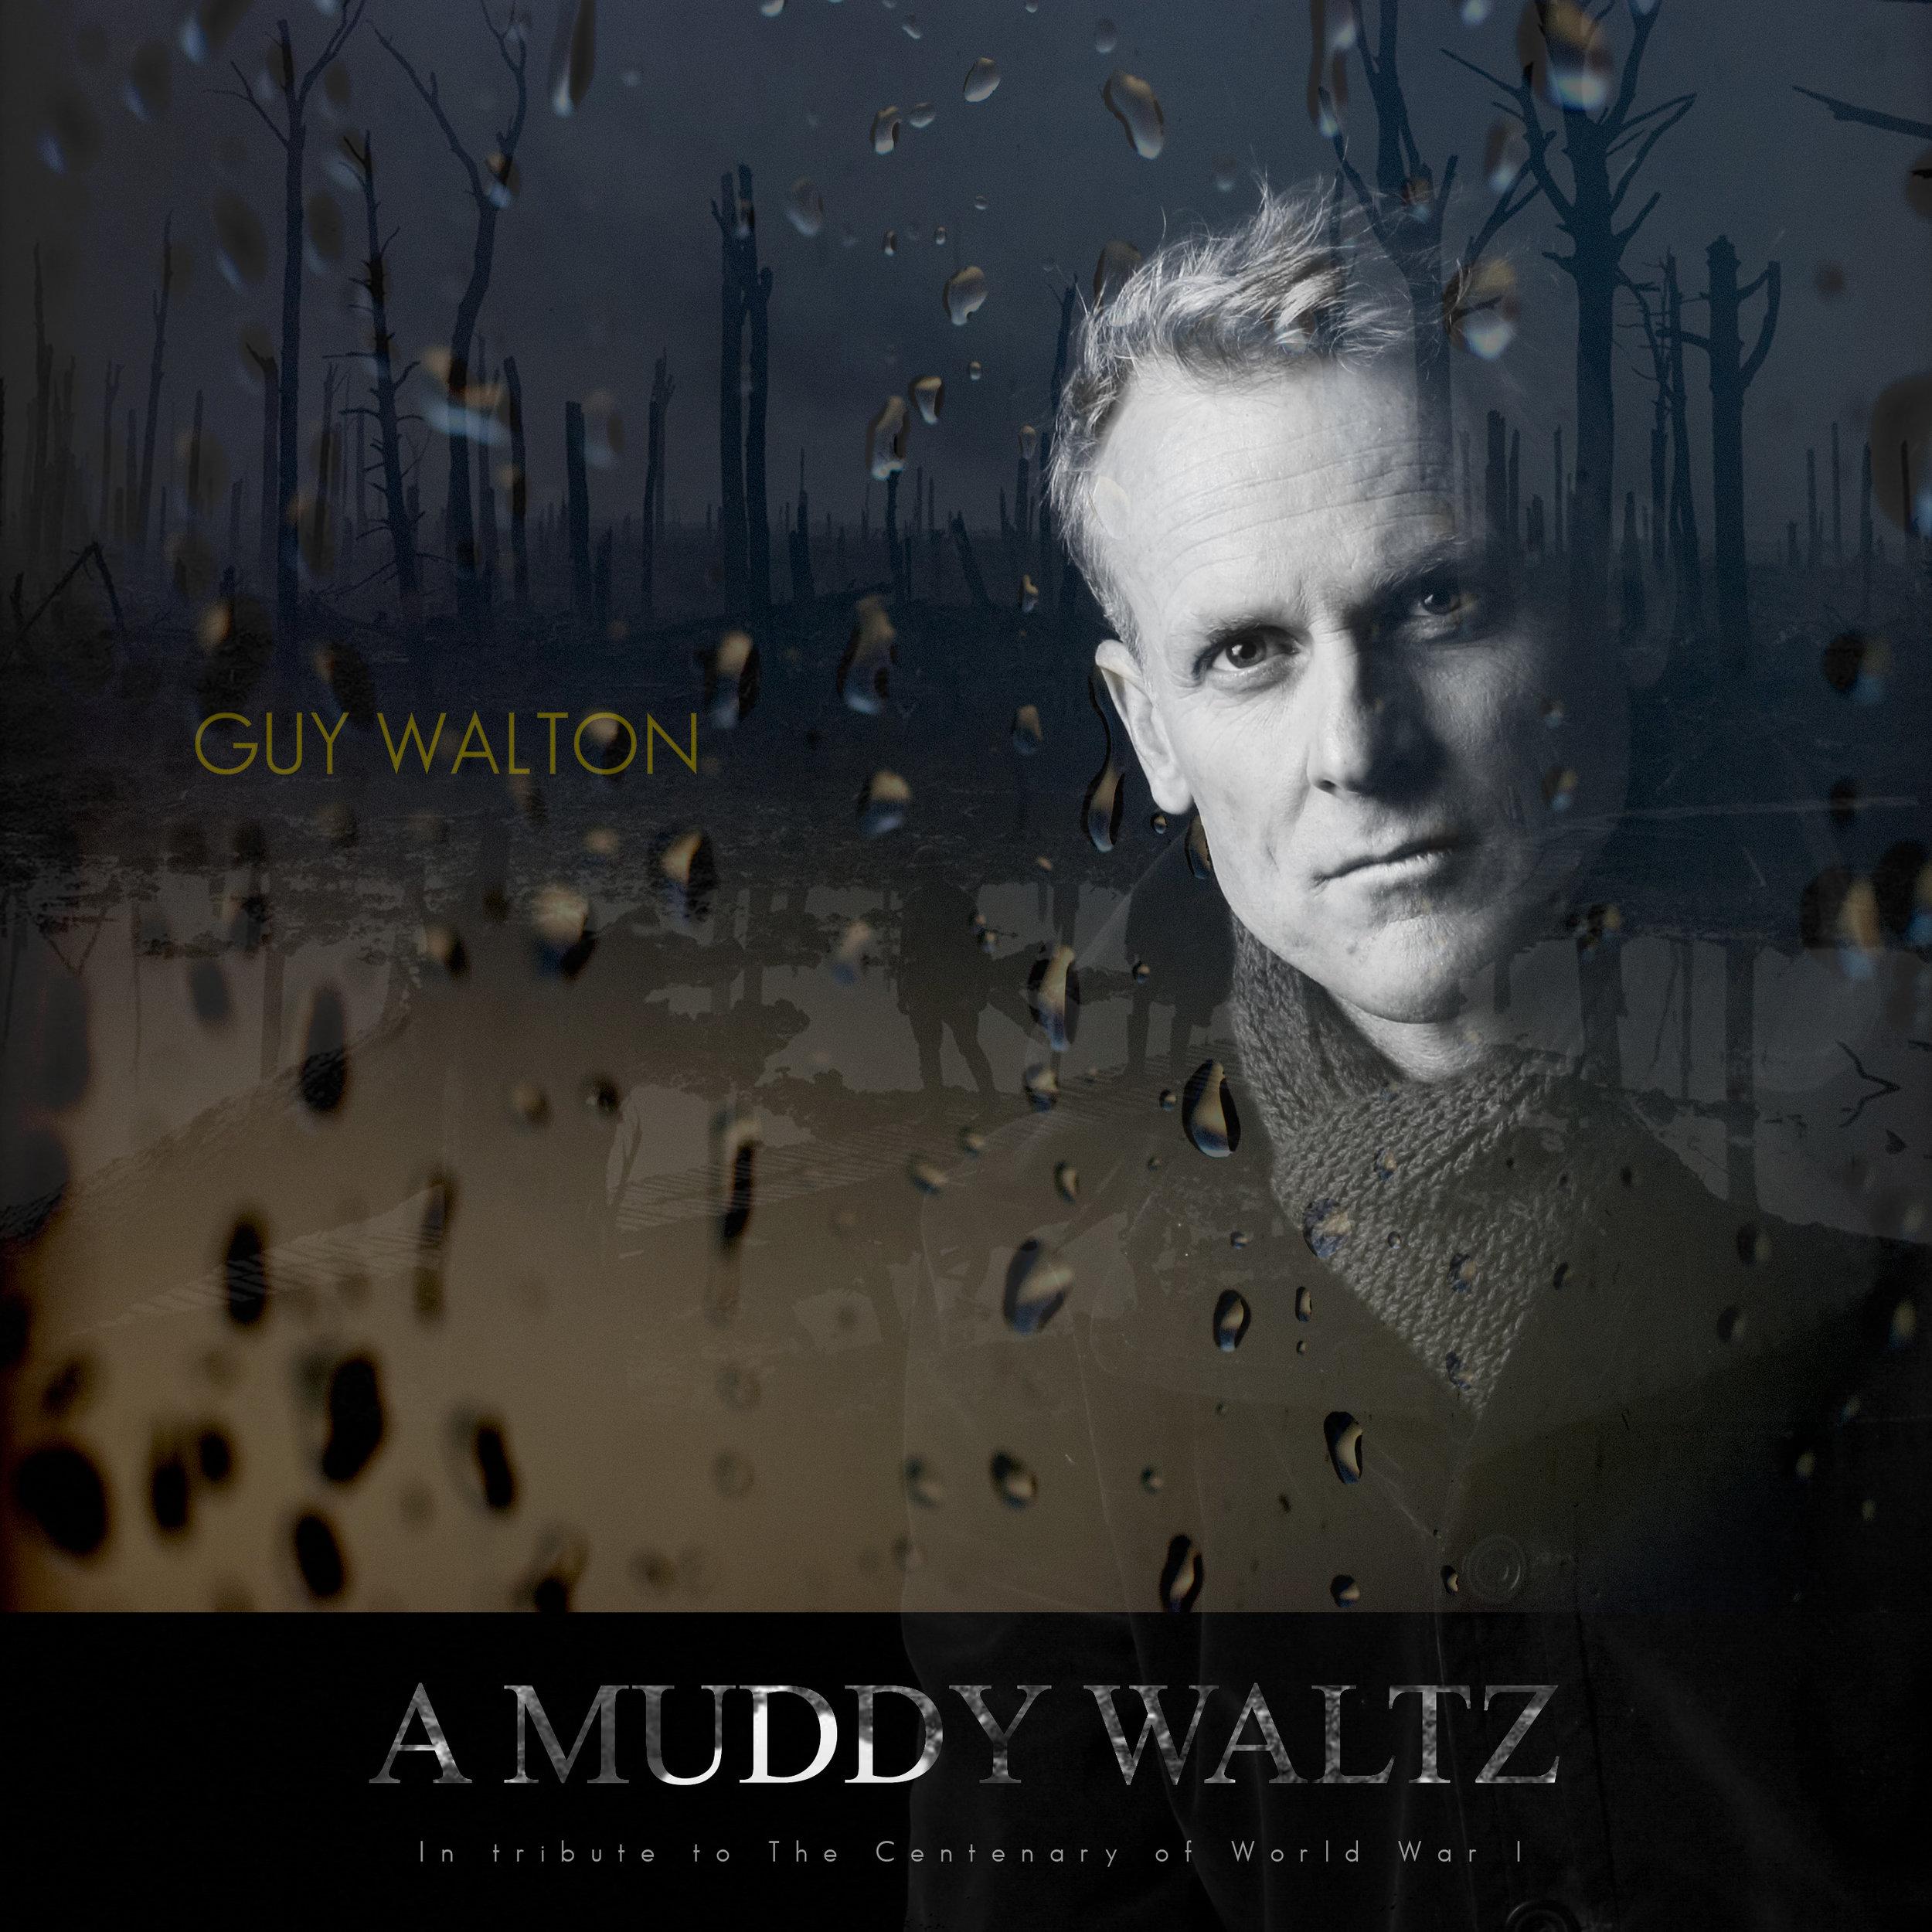 A Muddy Waltz